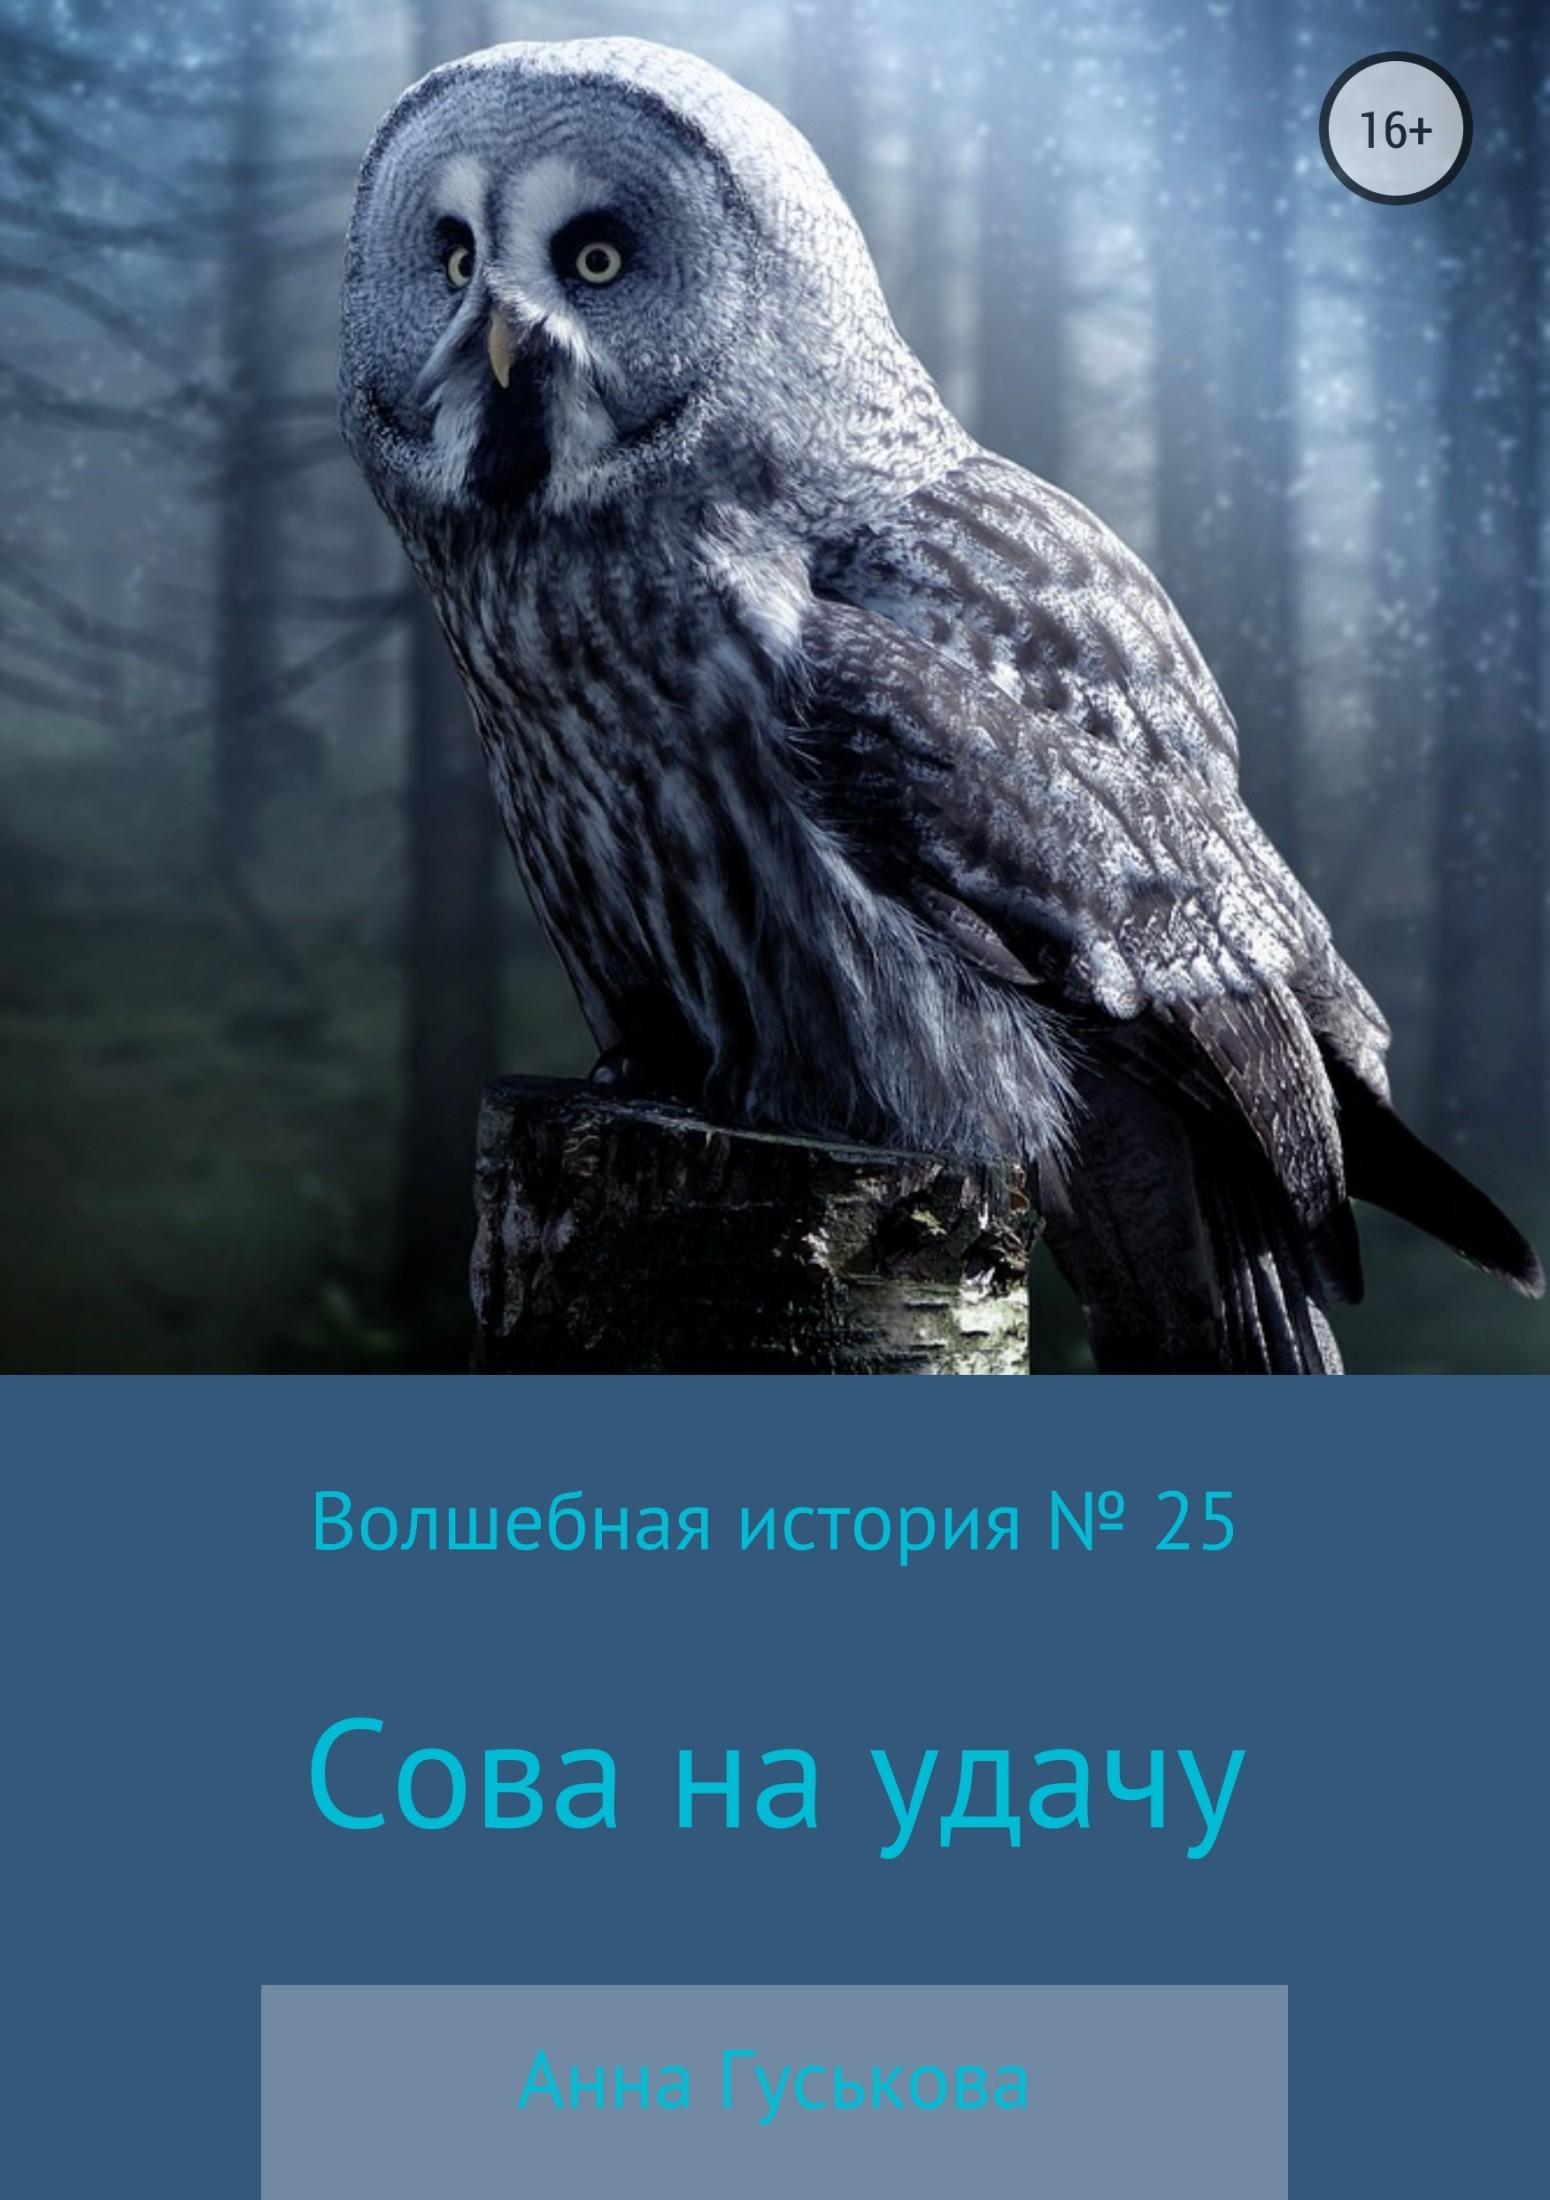 Волшебная история № 25. Сова на удачу